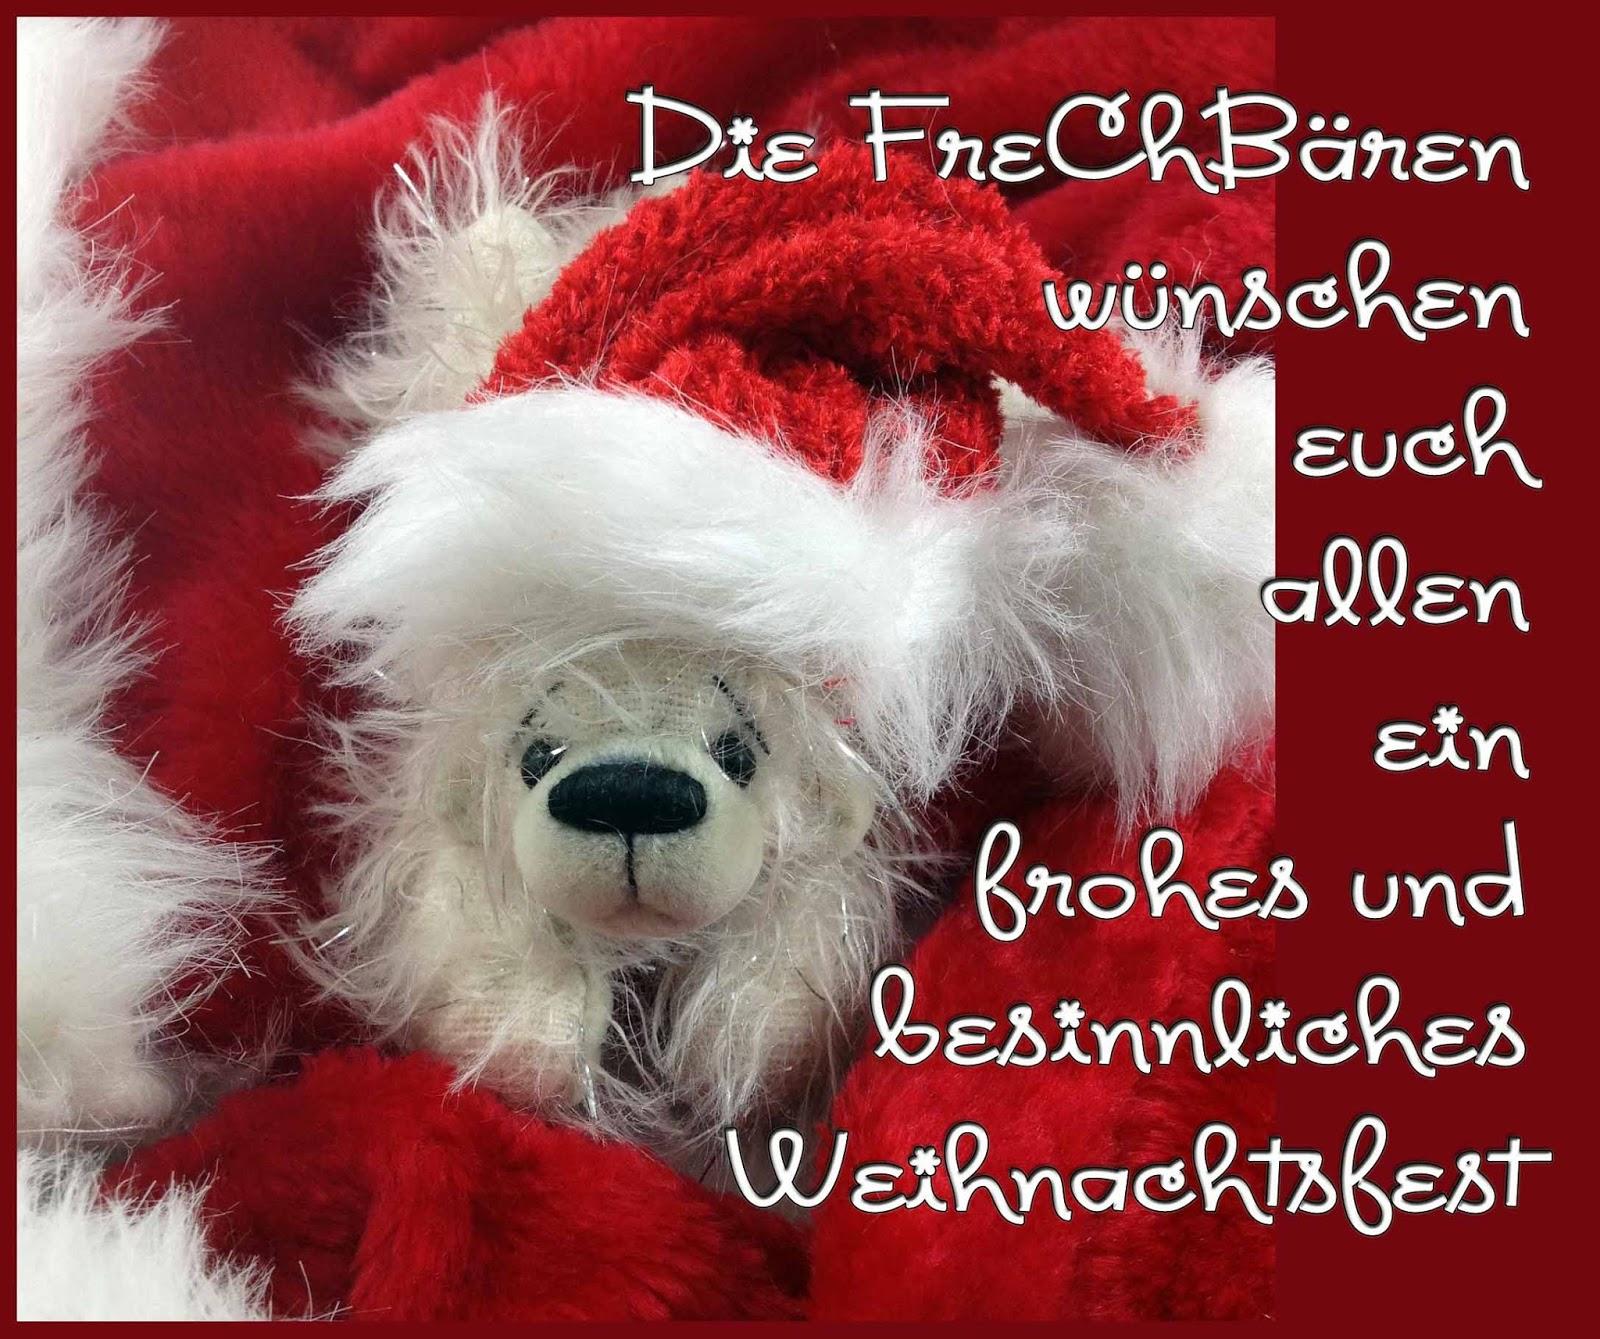 Frohe Weihnachten Liebe.Sophie Says Frohe Weihnachten